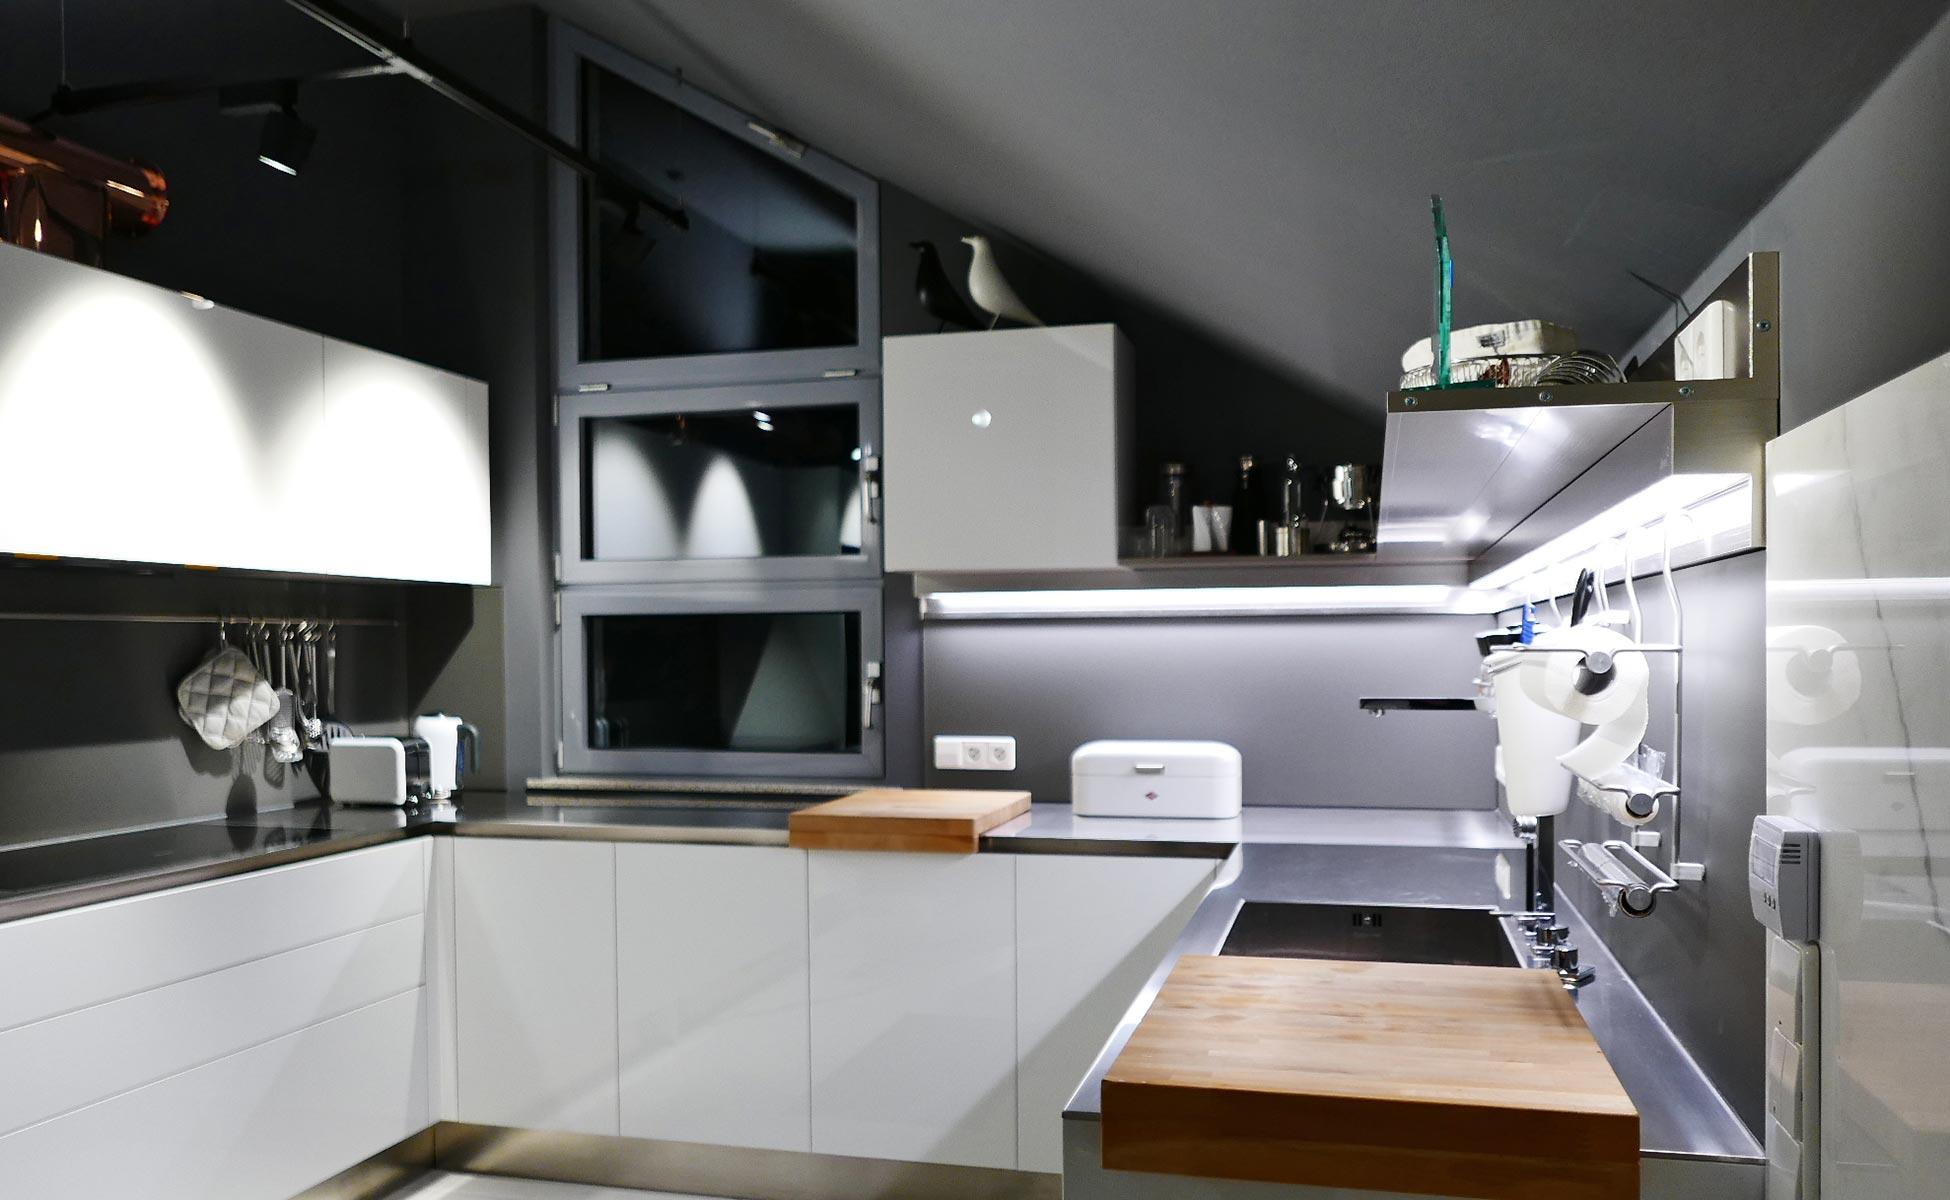 11 arclinea küche bei steidten+ berlin